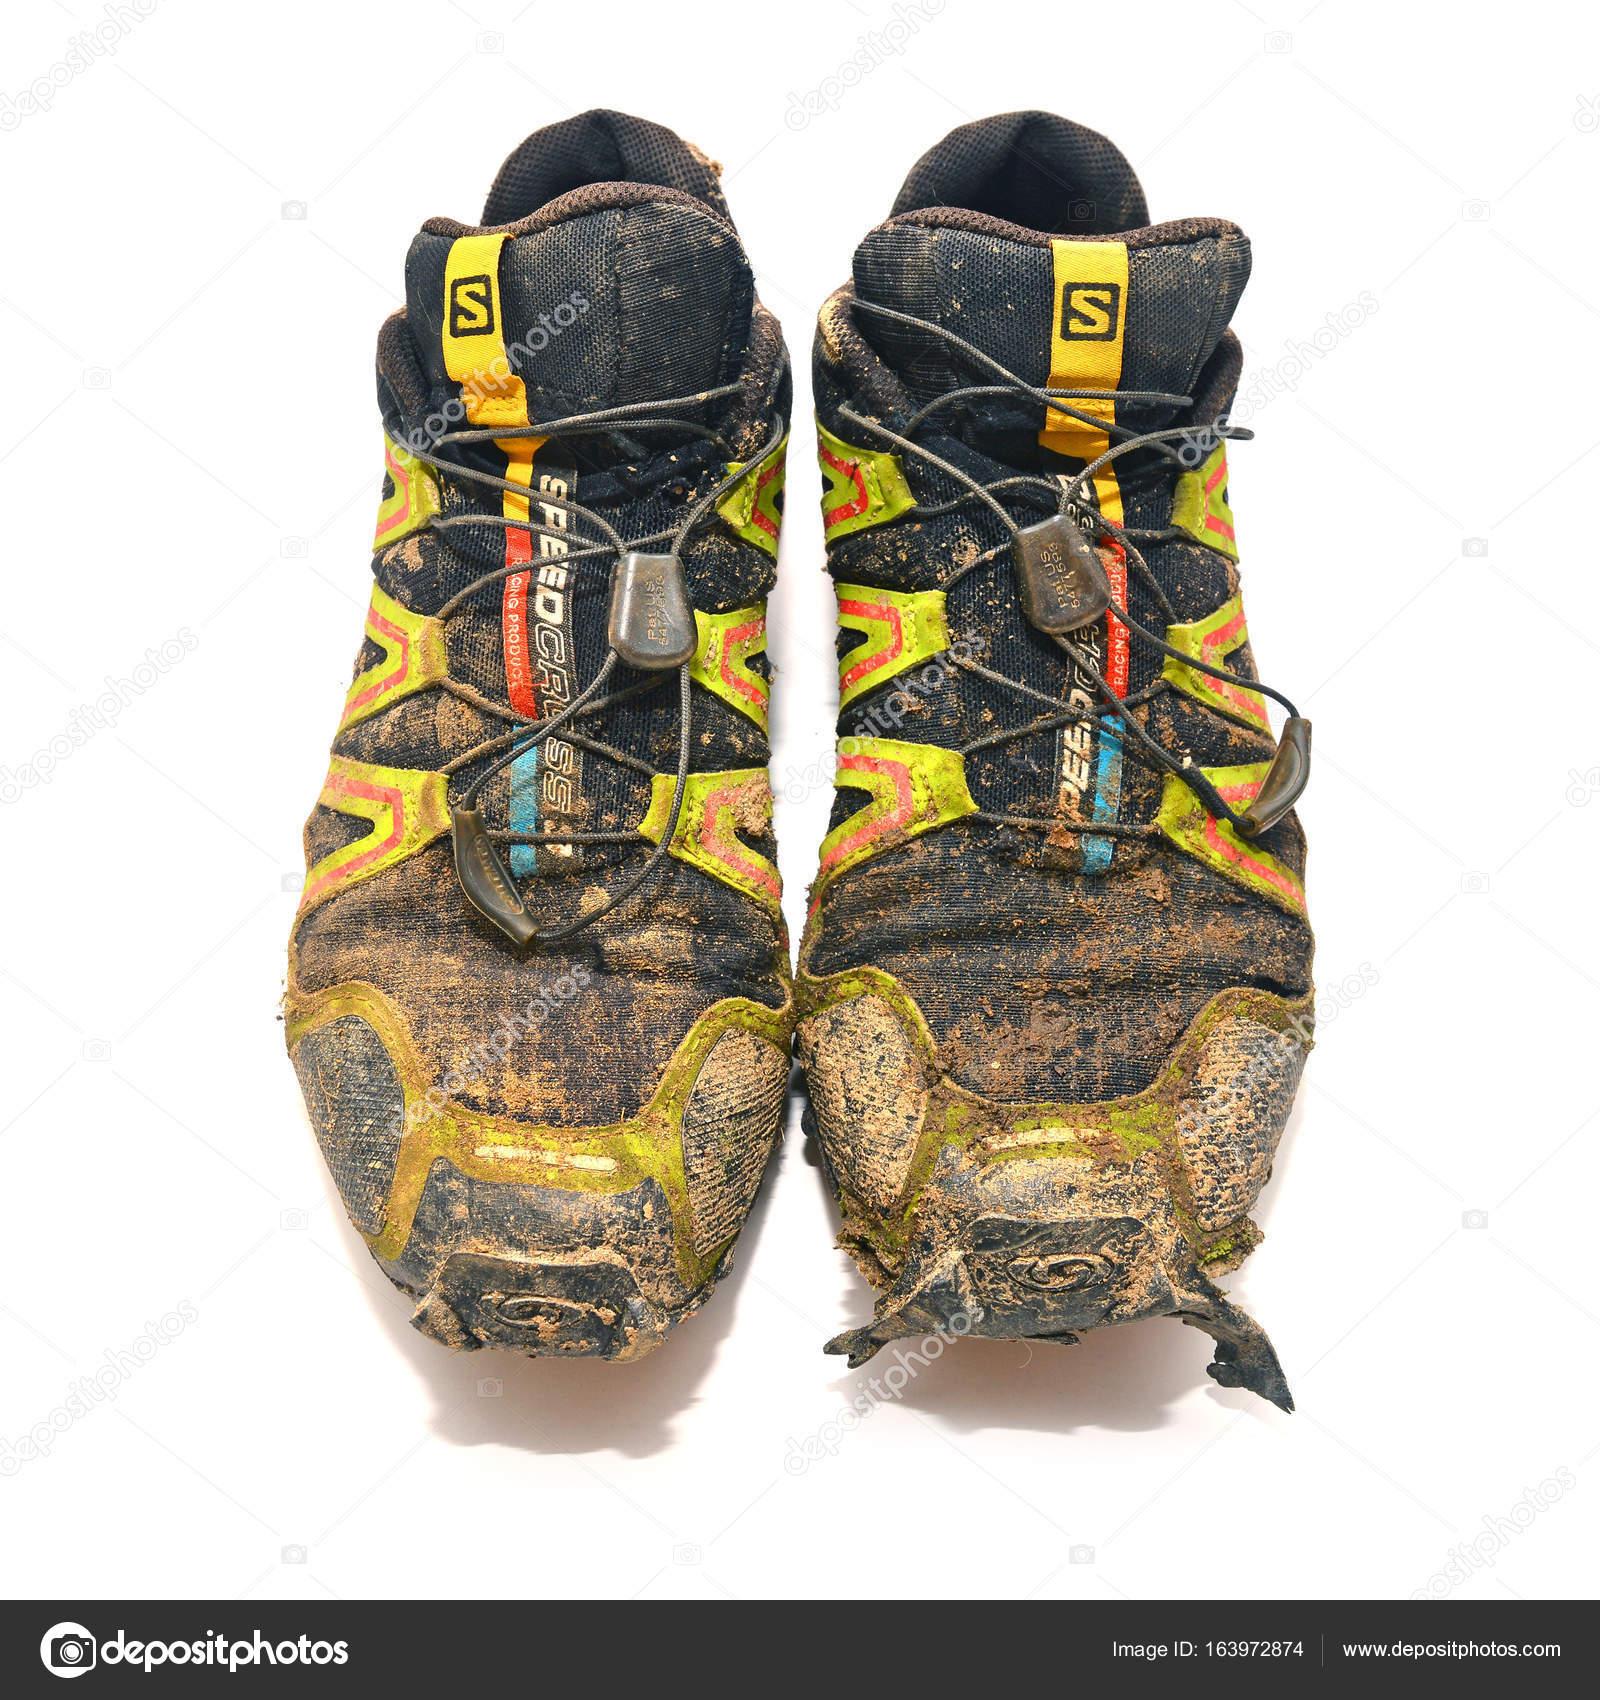 Kinderschoenen 27.Trail Schoenen Redactionele Stockfoto C Ibogdan 163972874